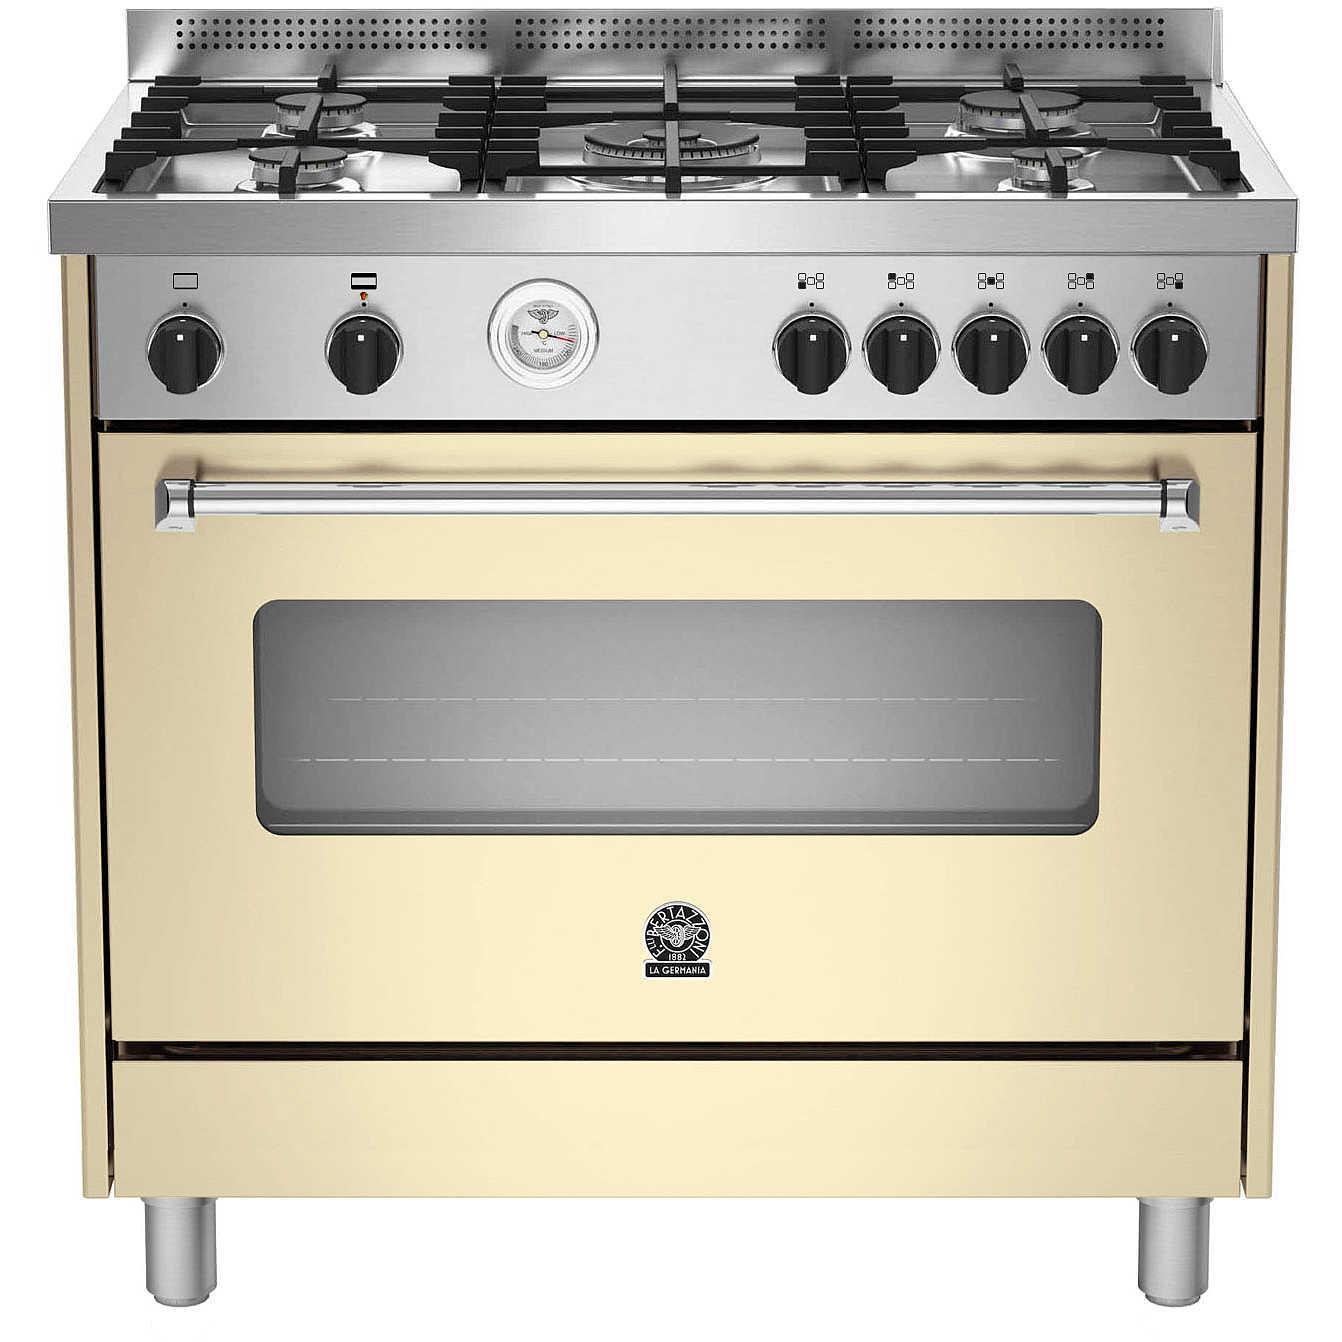 La germania amn905gevscrt cucina 90x60 5 fuochi a gas forno a gas ventilato con grill elettrico - Cucina con forno a gas ventilato ...